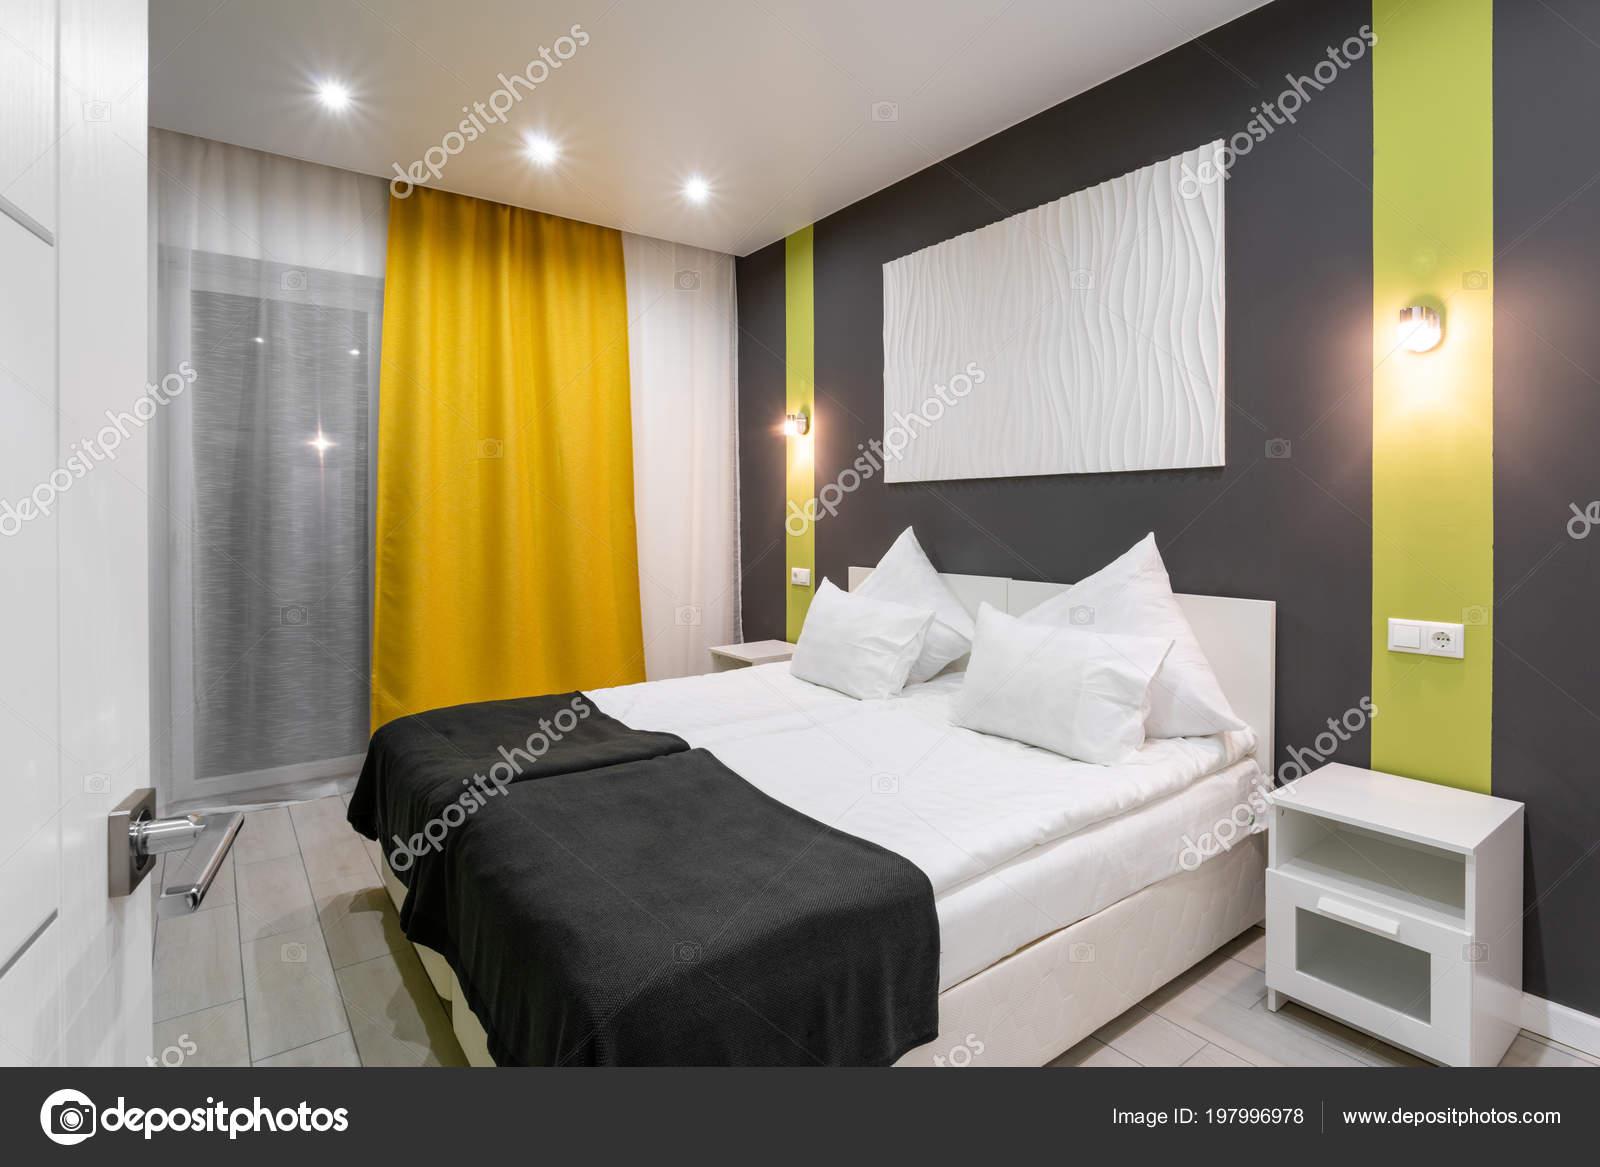 Camera standard di hotel camera da letto moderna con cuscini